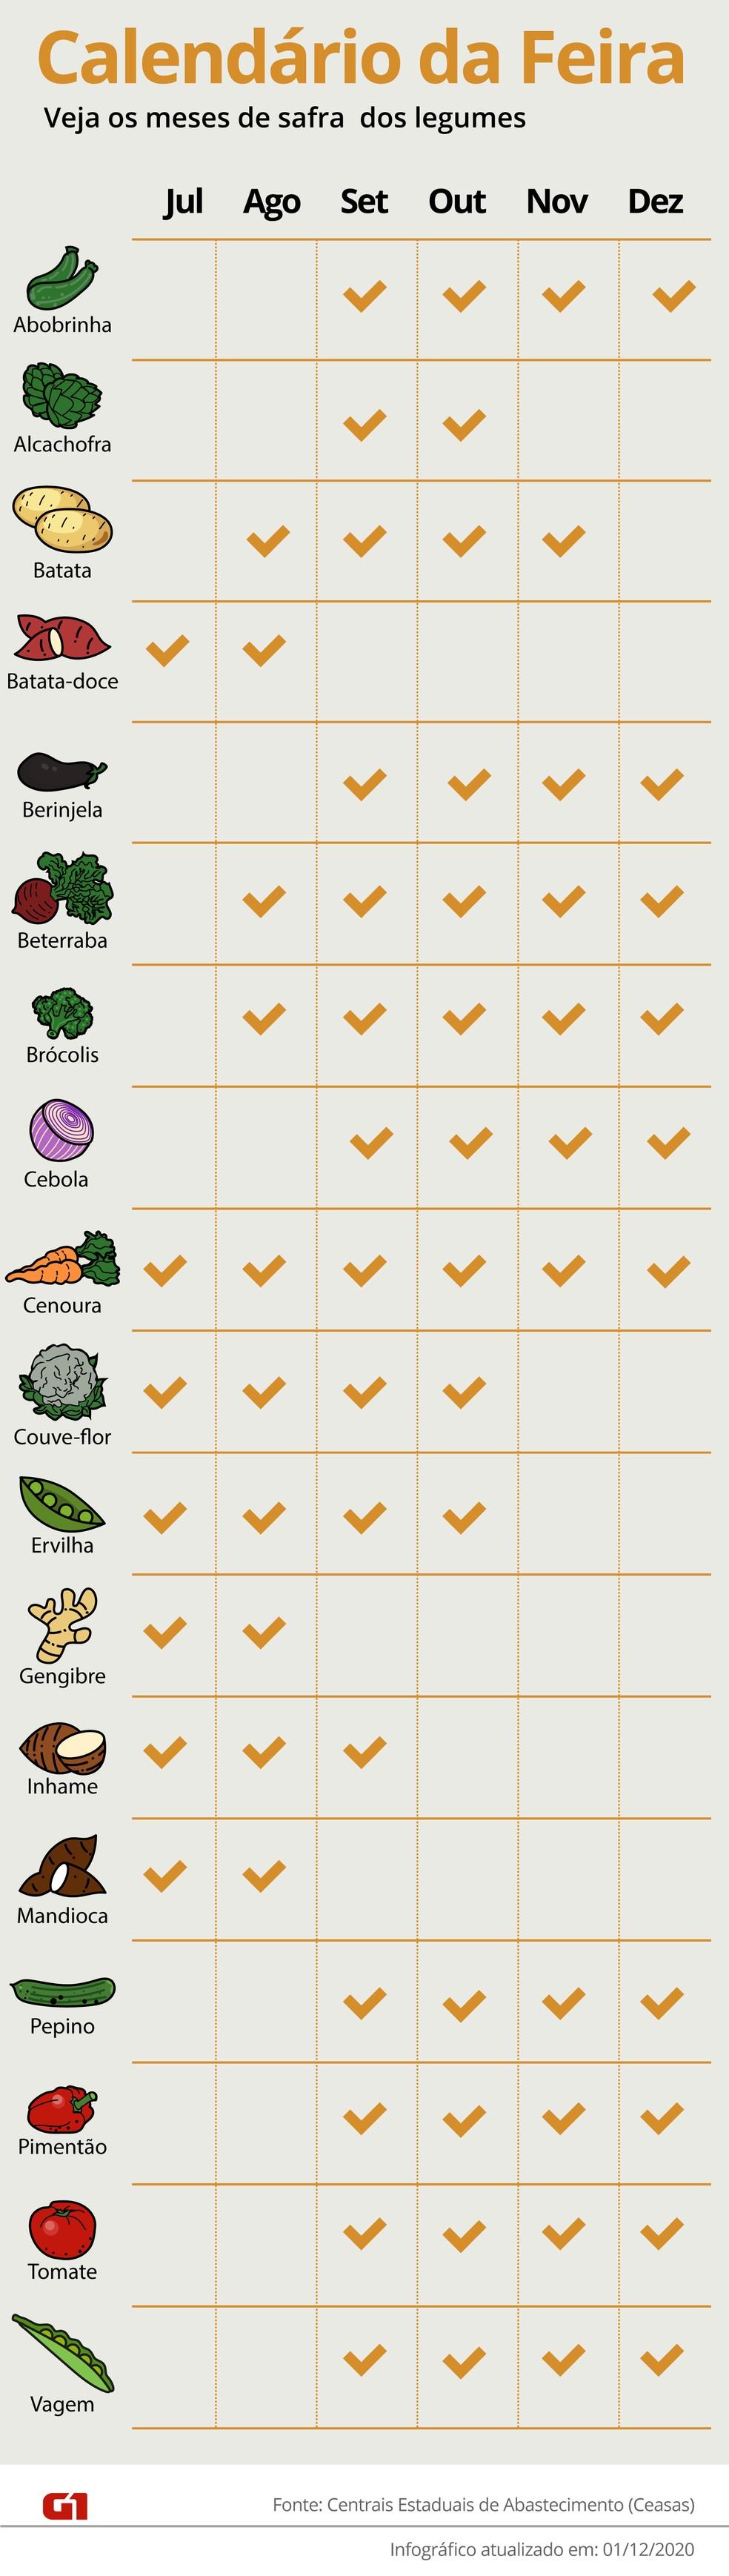 Calendário de legumes de julho a dezembro — Foto: Arte/G1